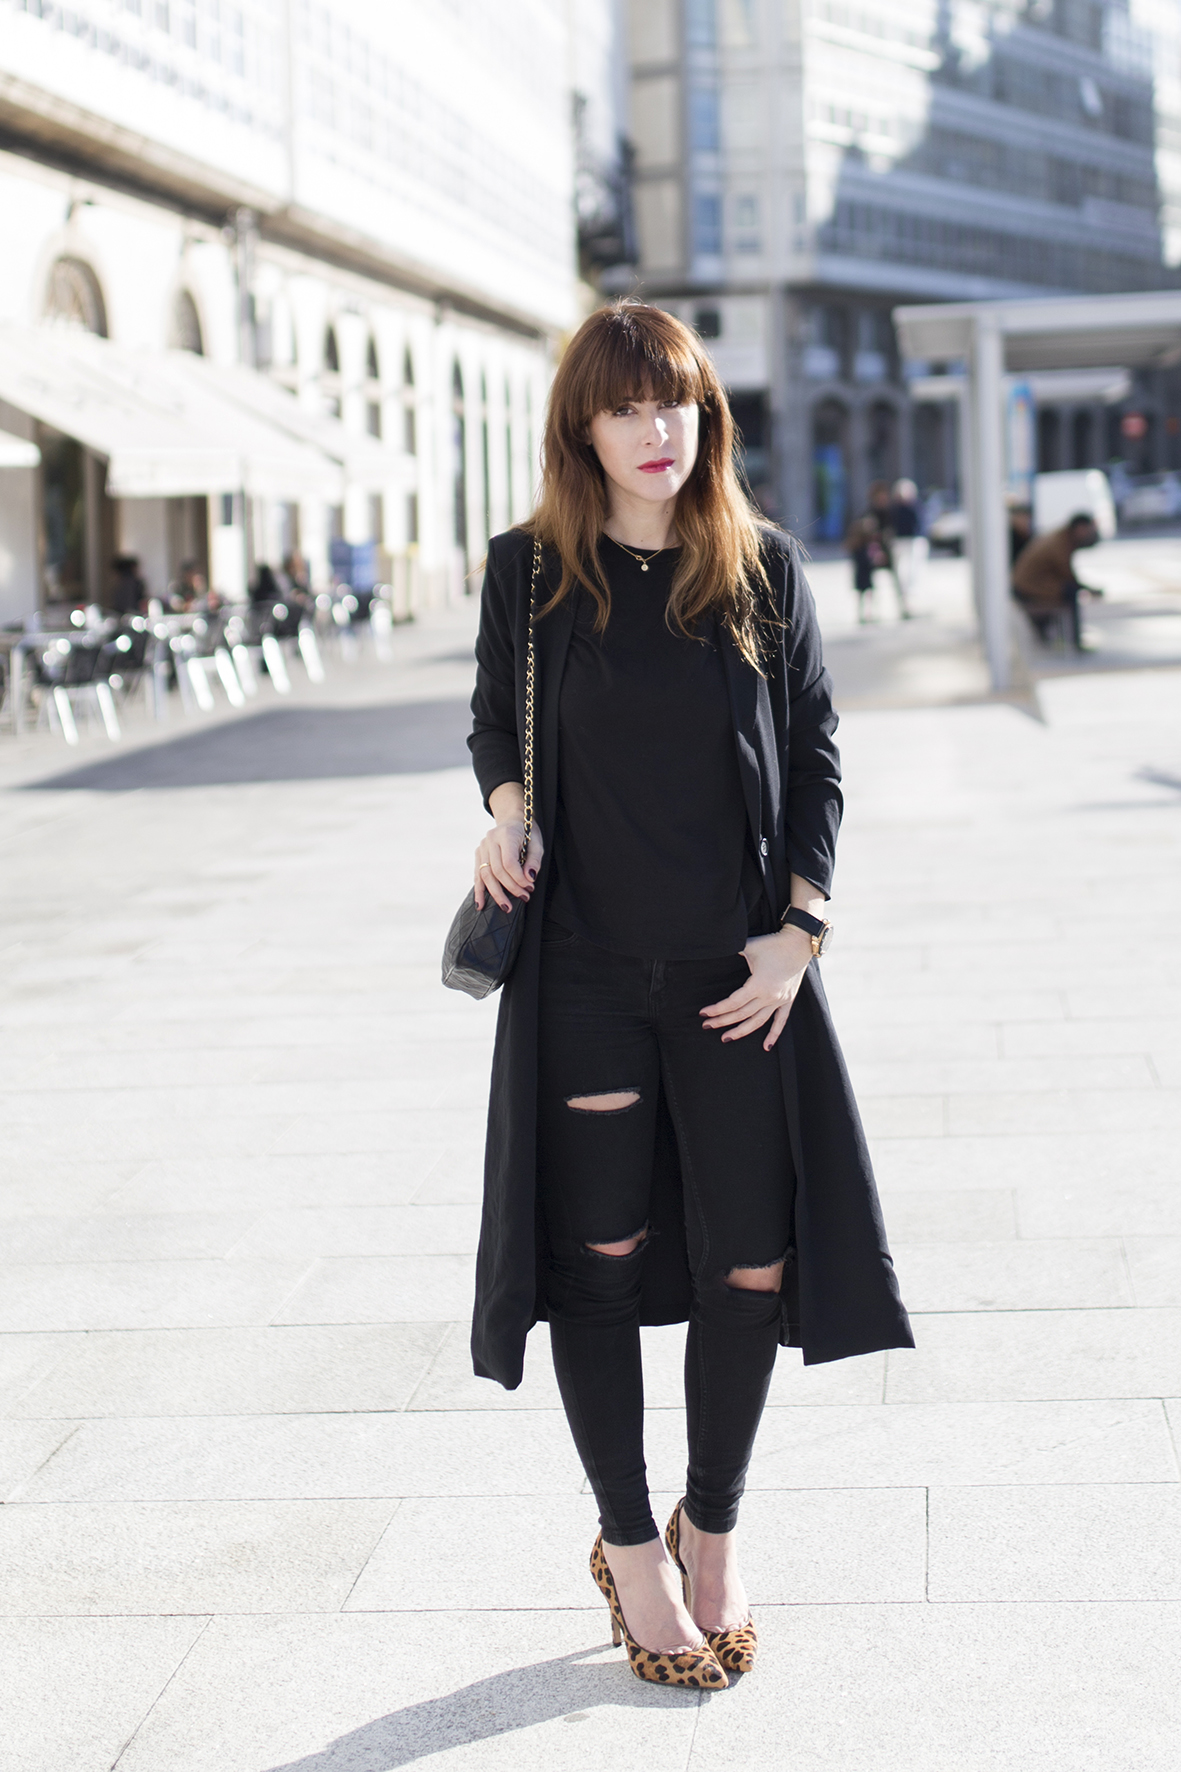 Black look-alba cuesta-streetstyle- Coruña- blogger-Black-Vintage Chanel-leopard heels